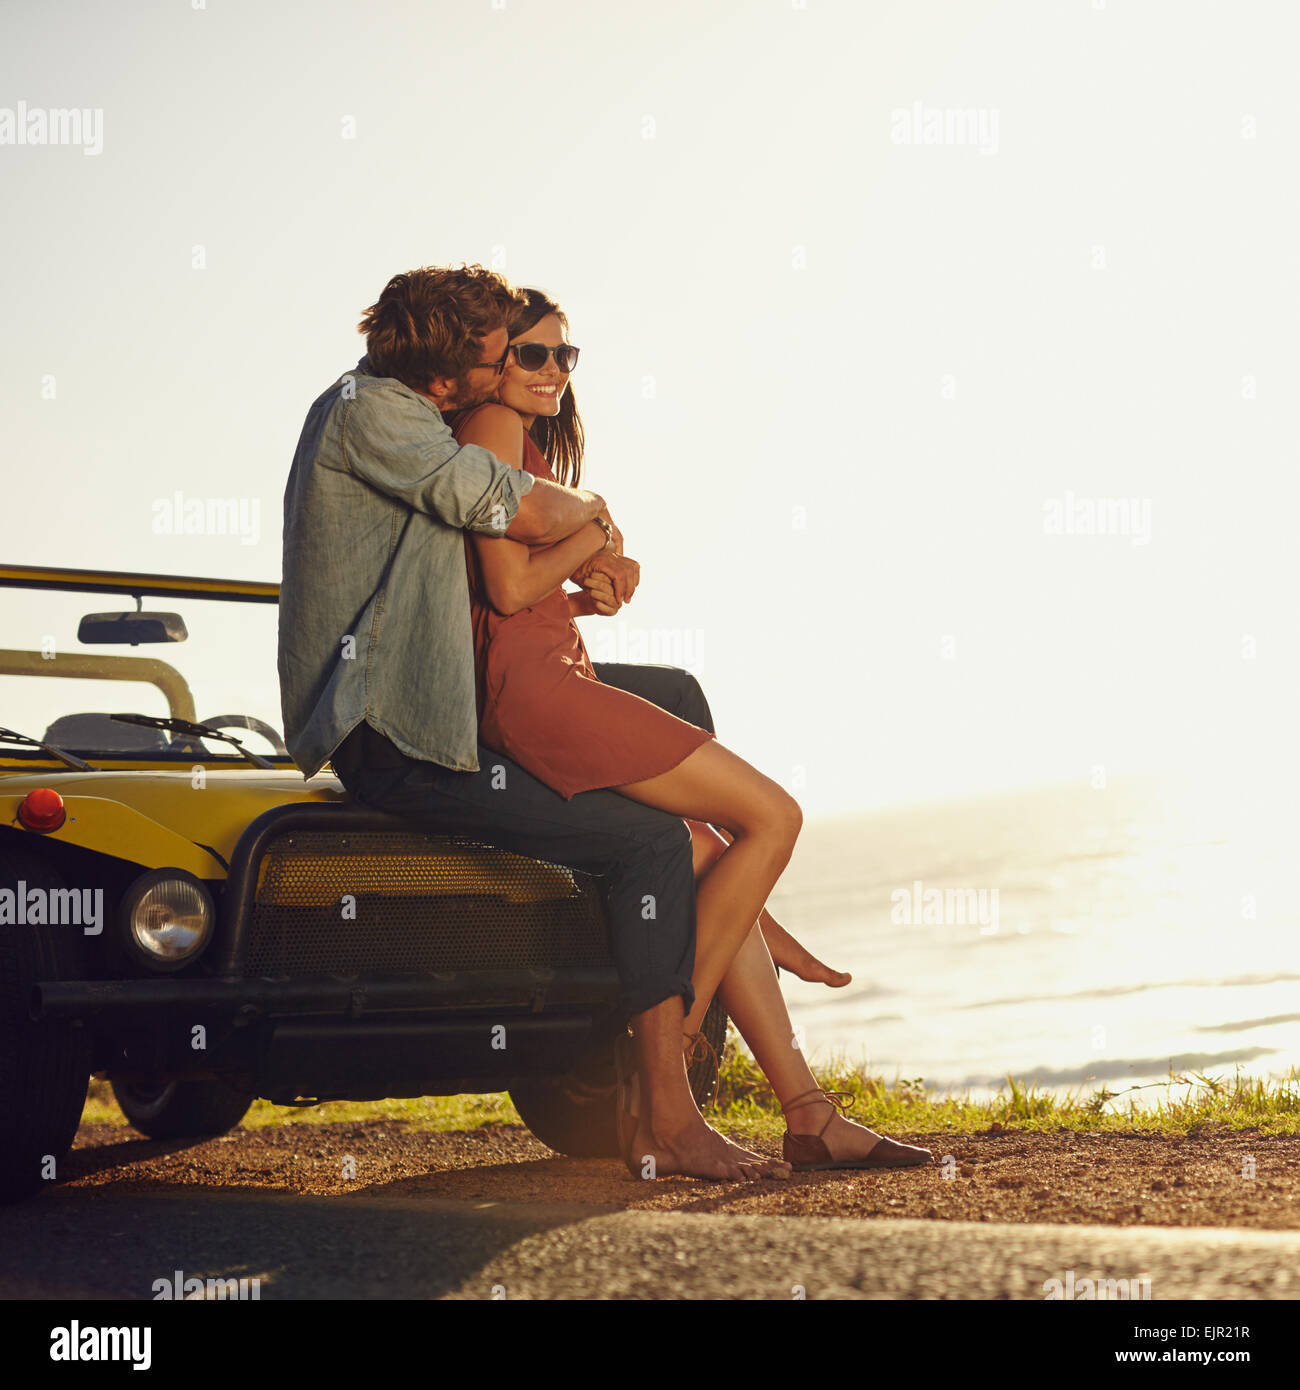 Jovem casal no amor abraçar e a beijar. Jovem e mulher sentada no capô do seu carro. Romântico jovem Imagens de Stock